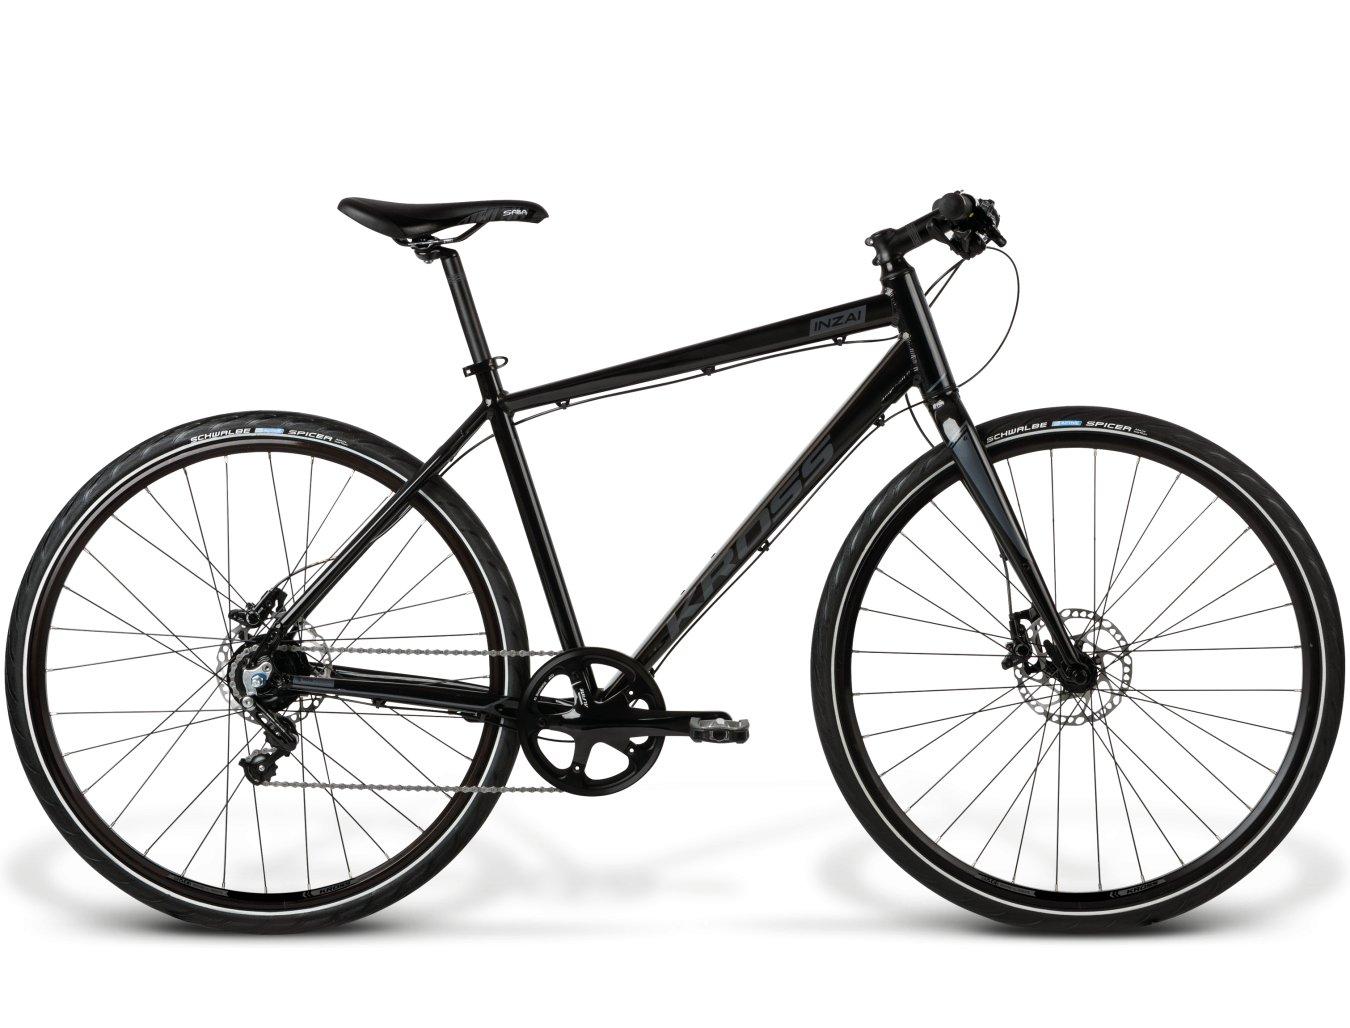 Rower miejski KROSS INZAI cena nowego 2400zł